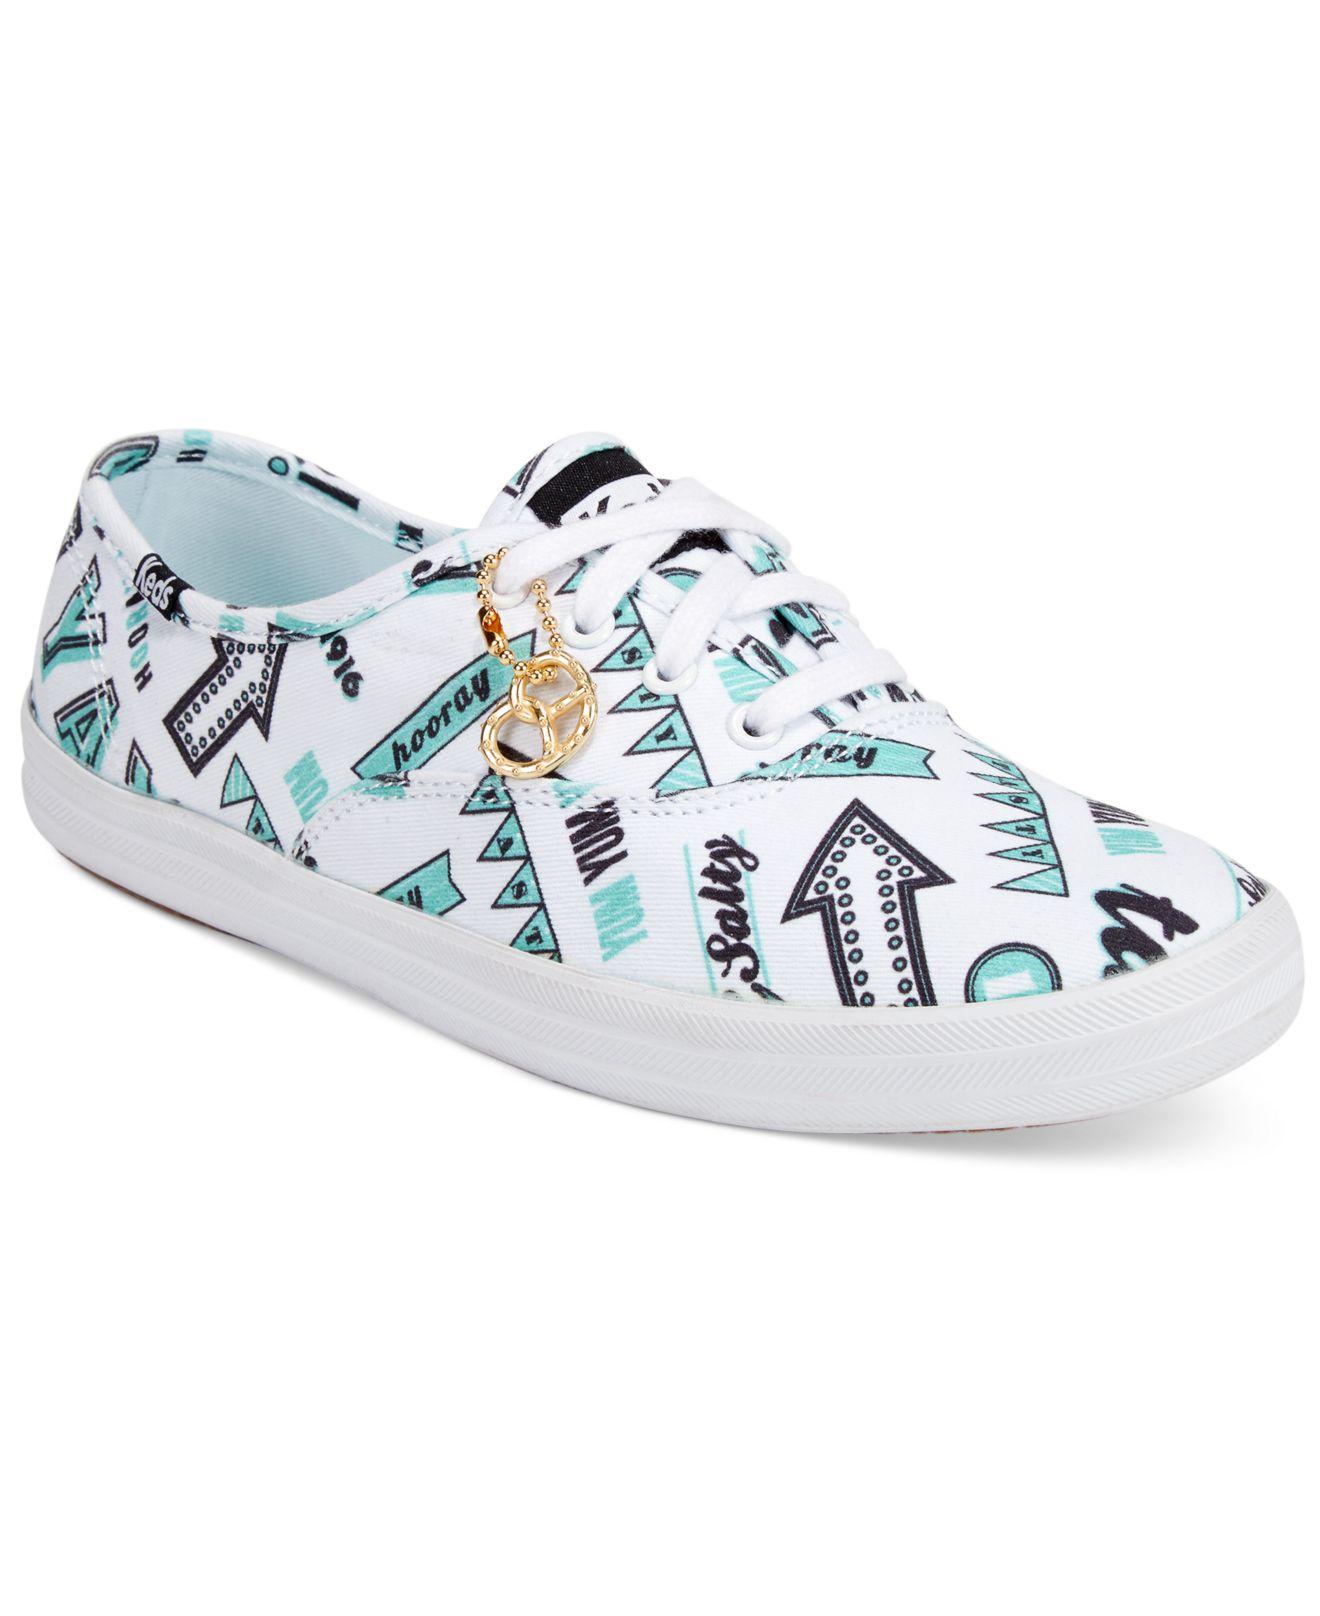 1222a455c2e99 Lyst - Keds Women s Champion Boardwalk Oxford Sneakers in Blue